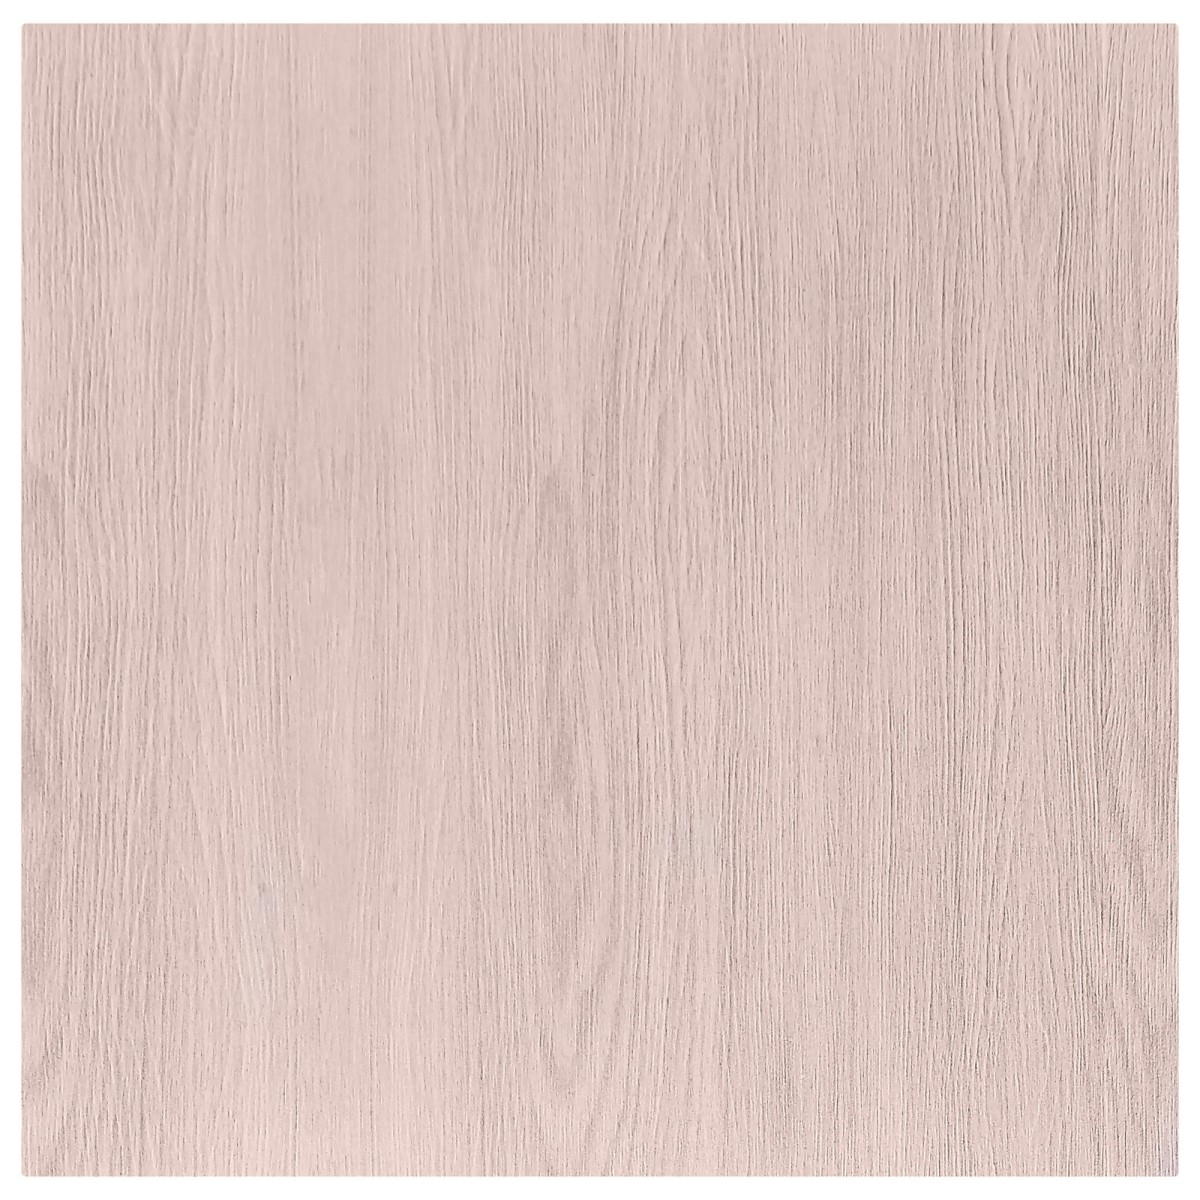 Плитка настенная Sakura 30x45 см 1.35 м2 цвет коричневый